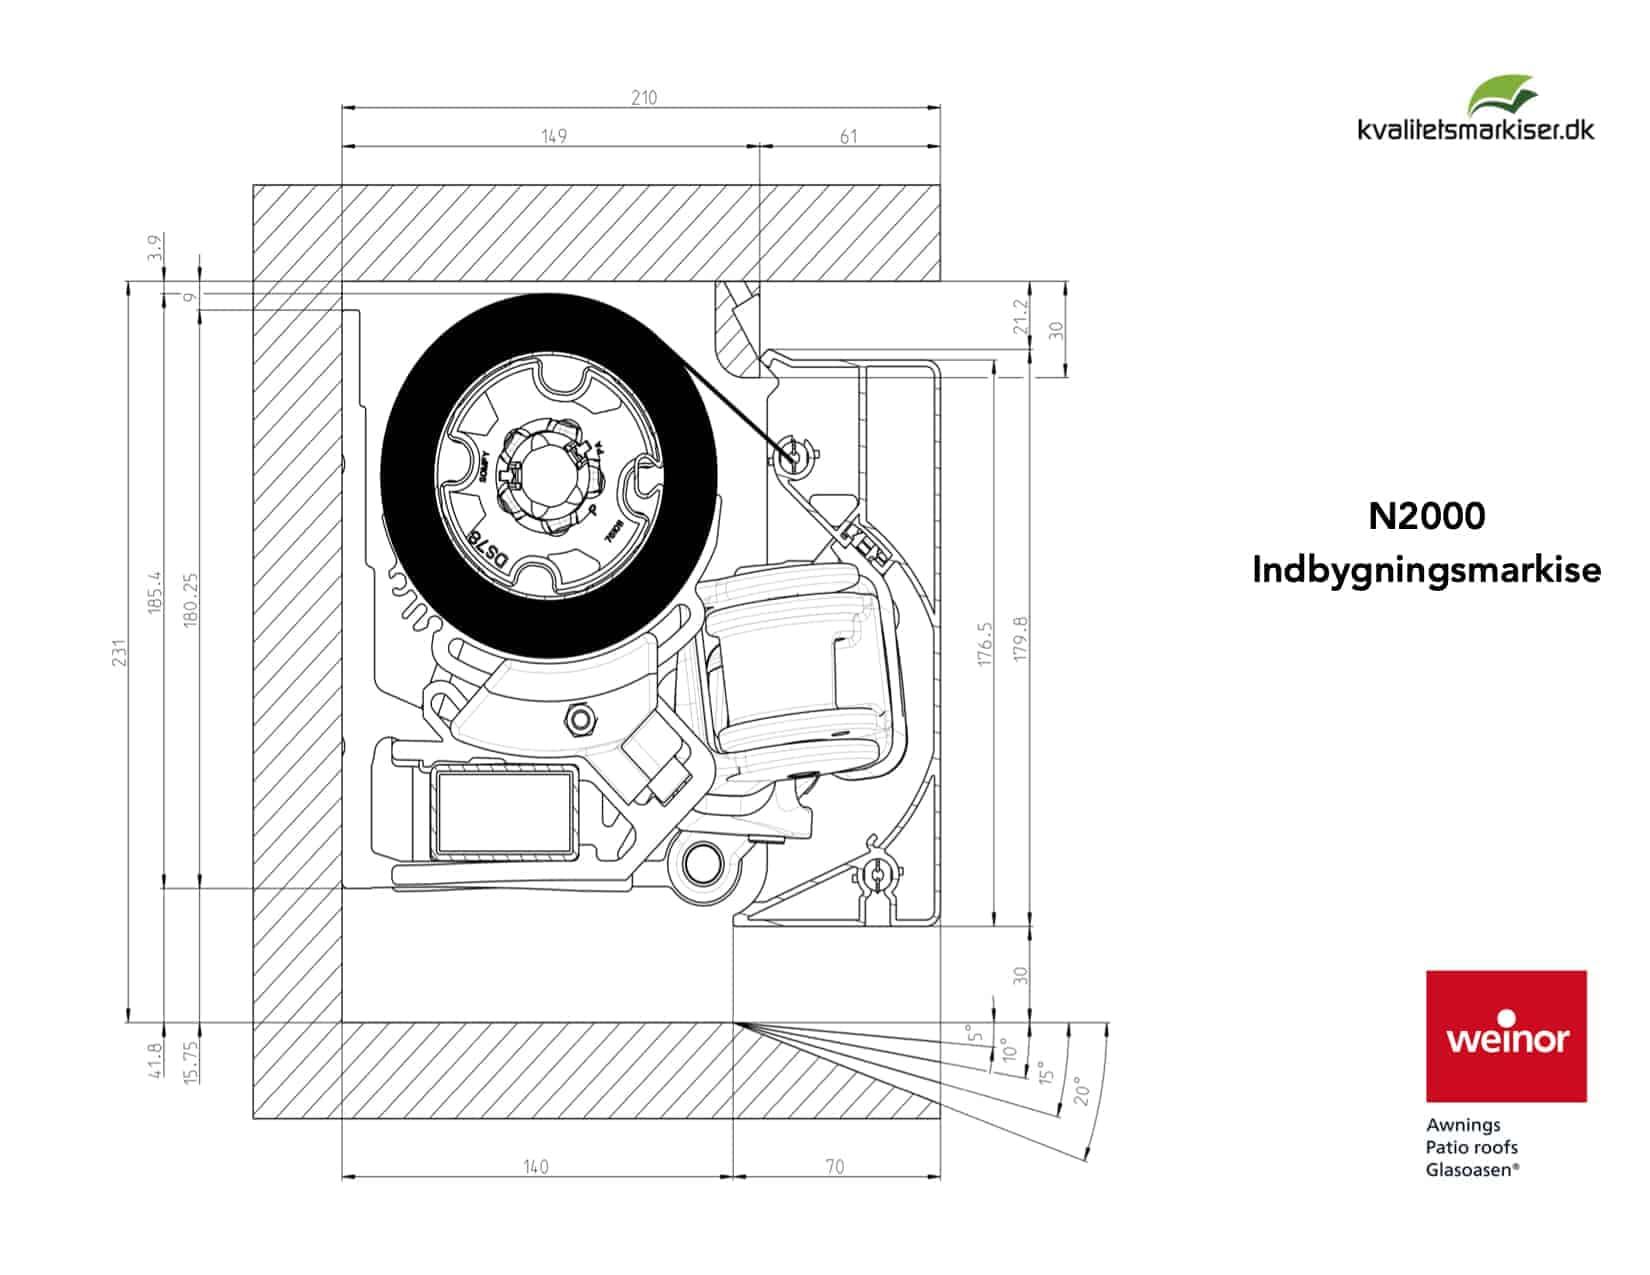 Indbygningsmarkise Weinor N2000